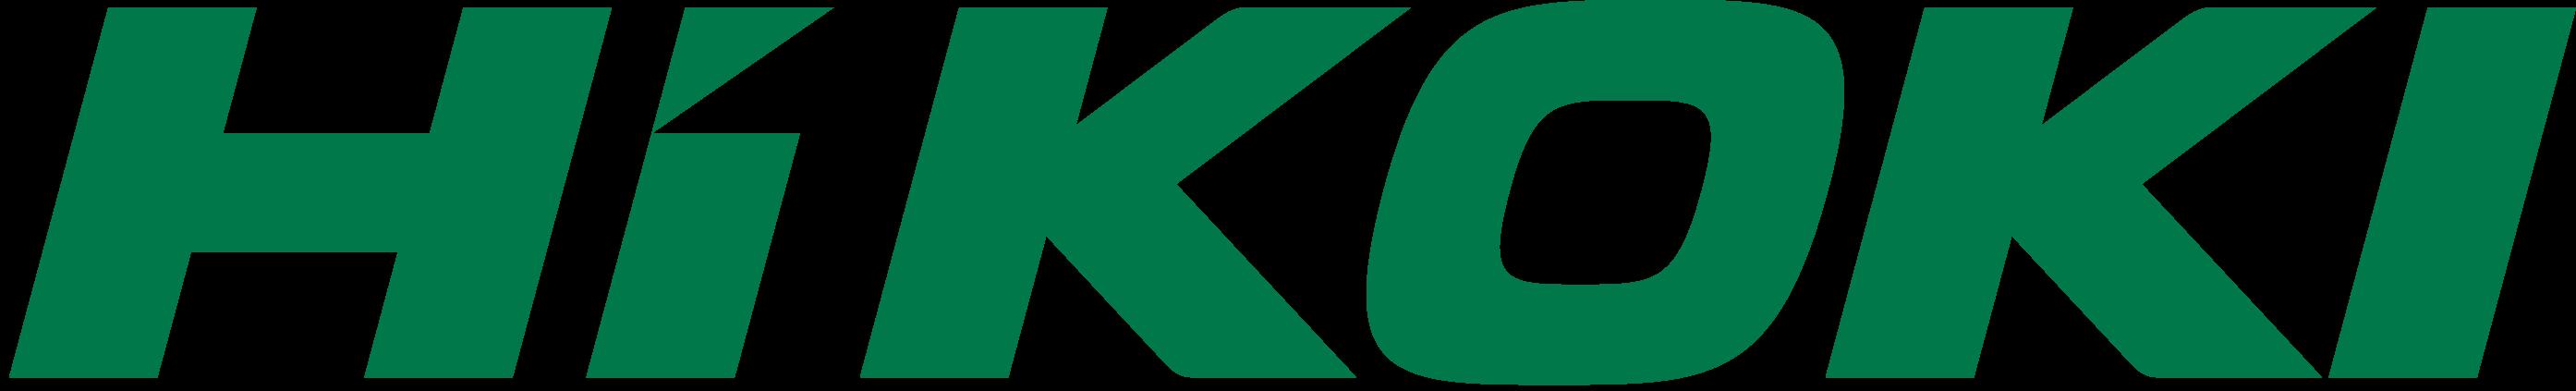 hikoki-logo-green.png